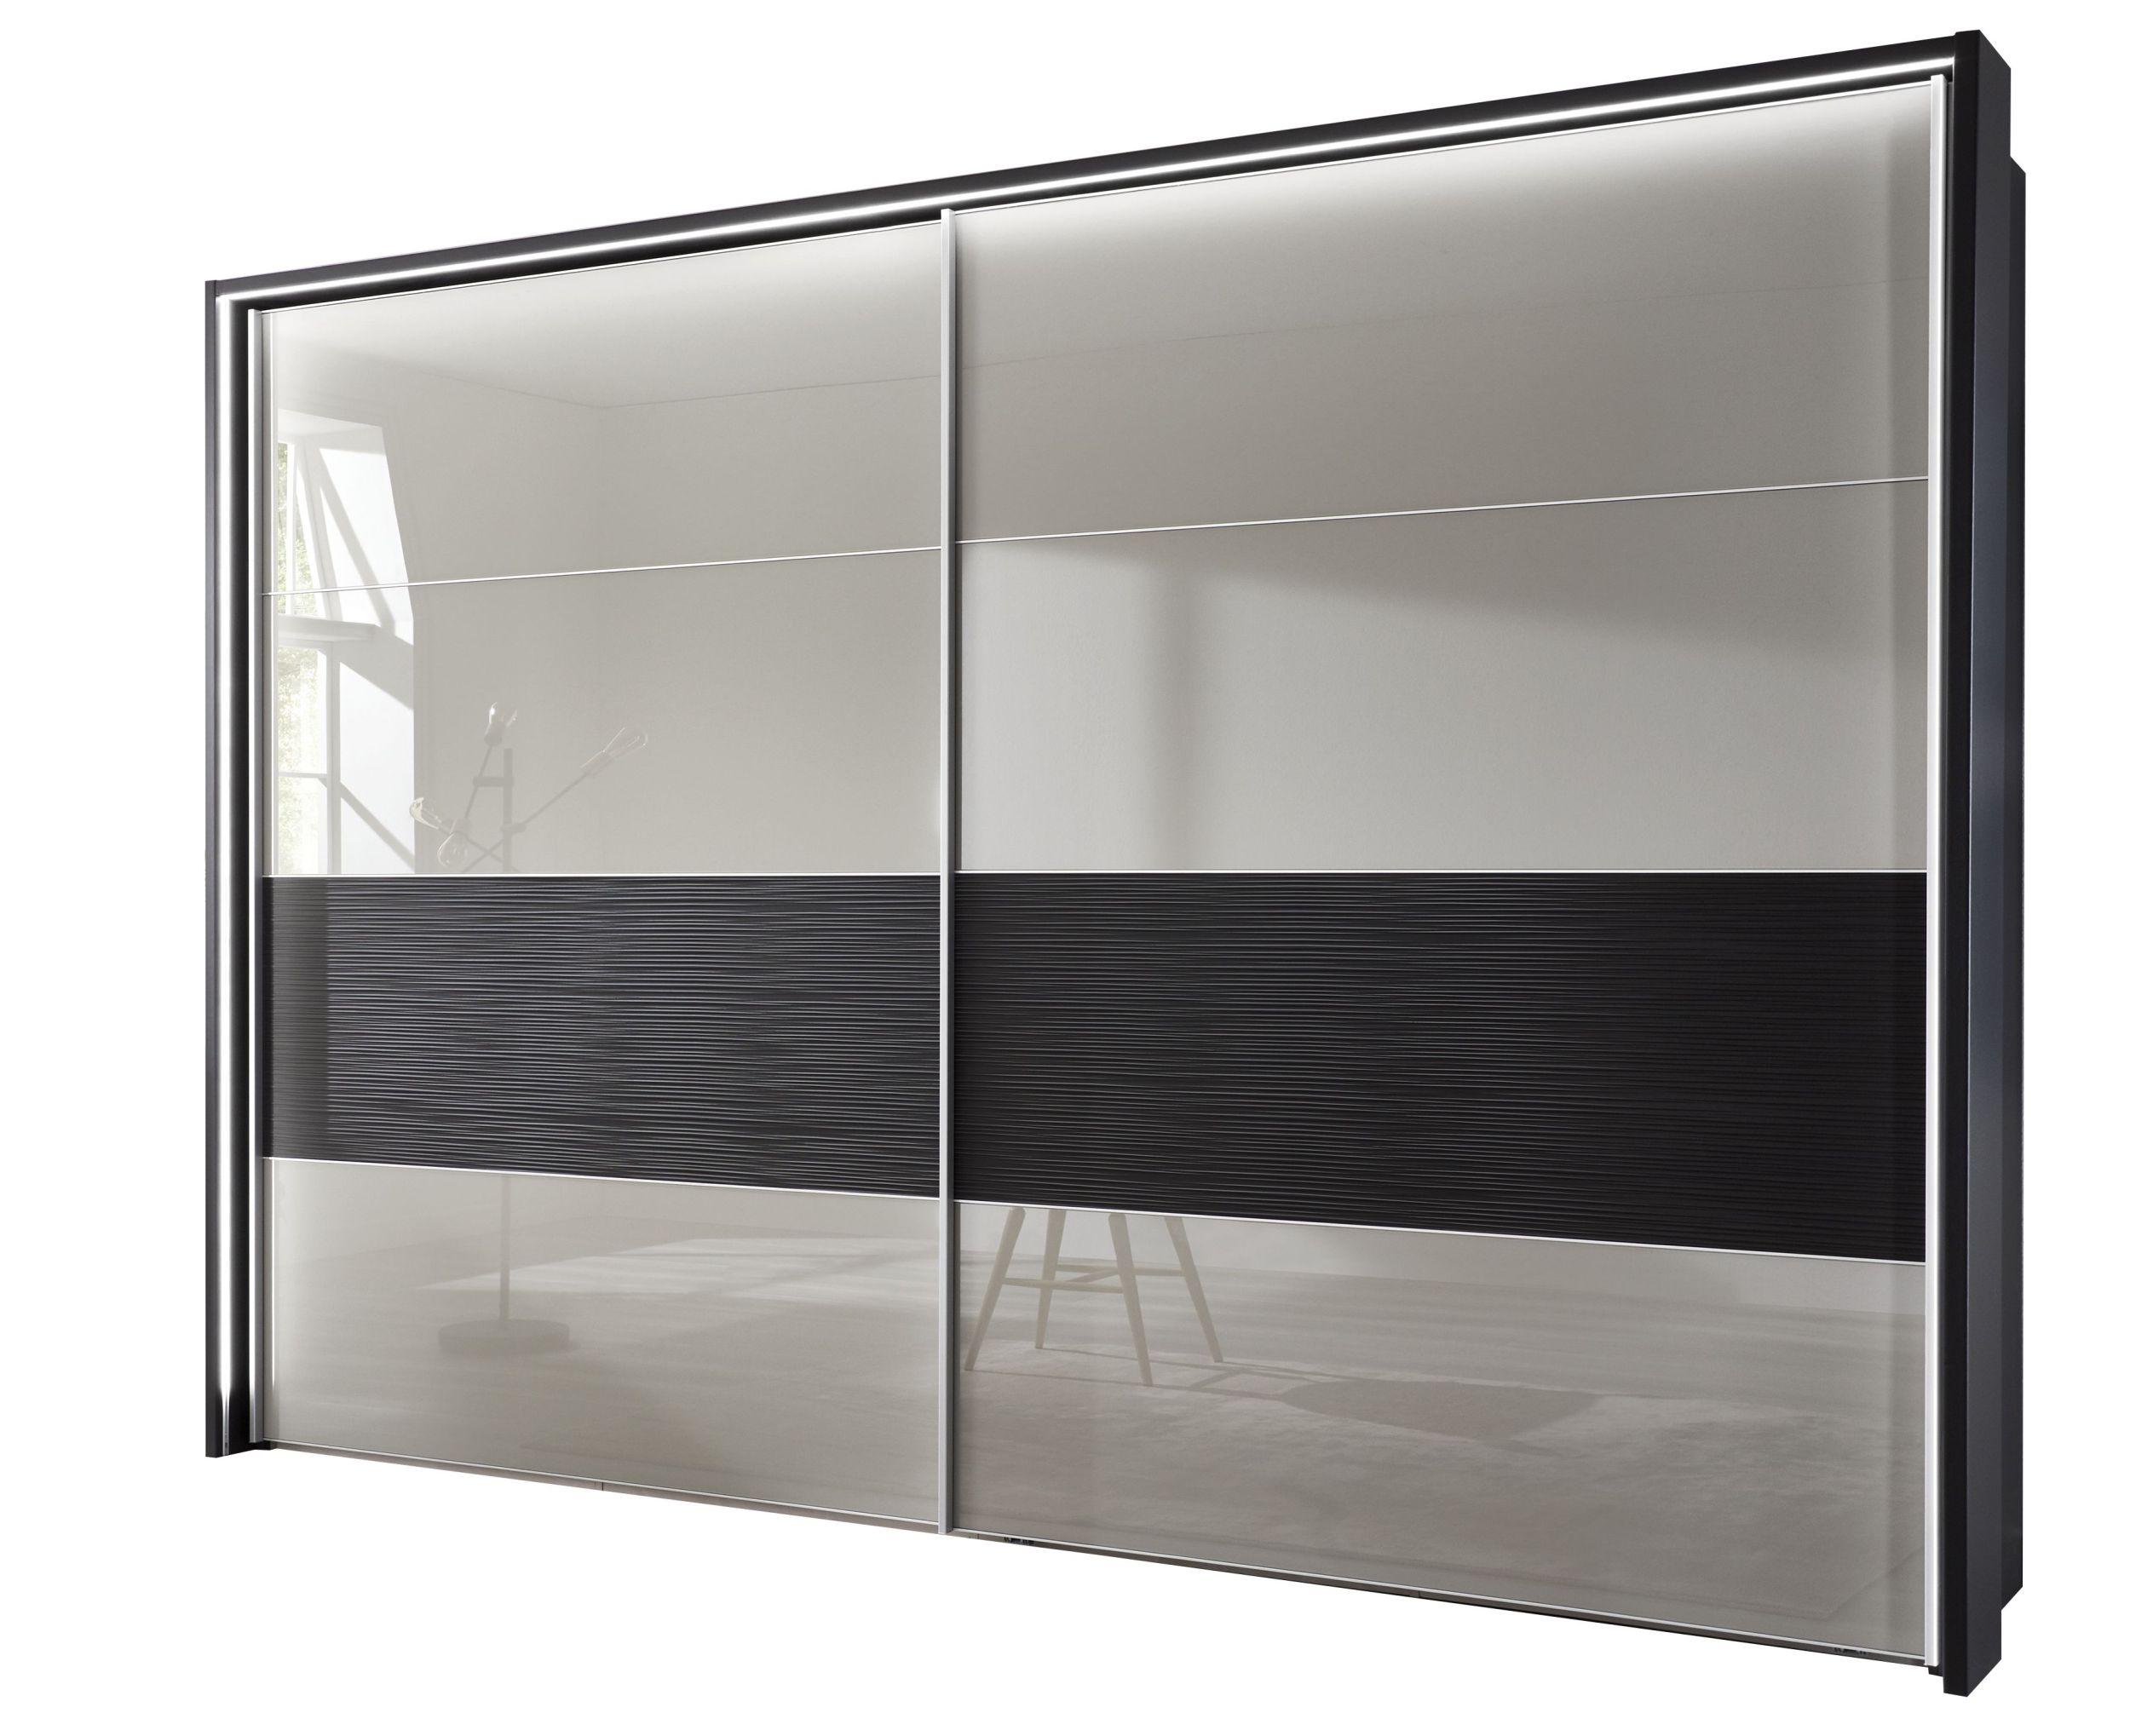 Kleiderschrank mit Schiebetüren in Beige, Maße 300x236x67 cm | Möbelhaus  Pohl - Wilhelmshaven & Friesland